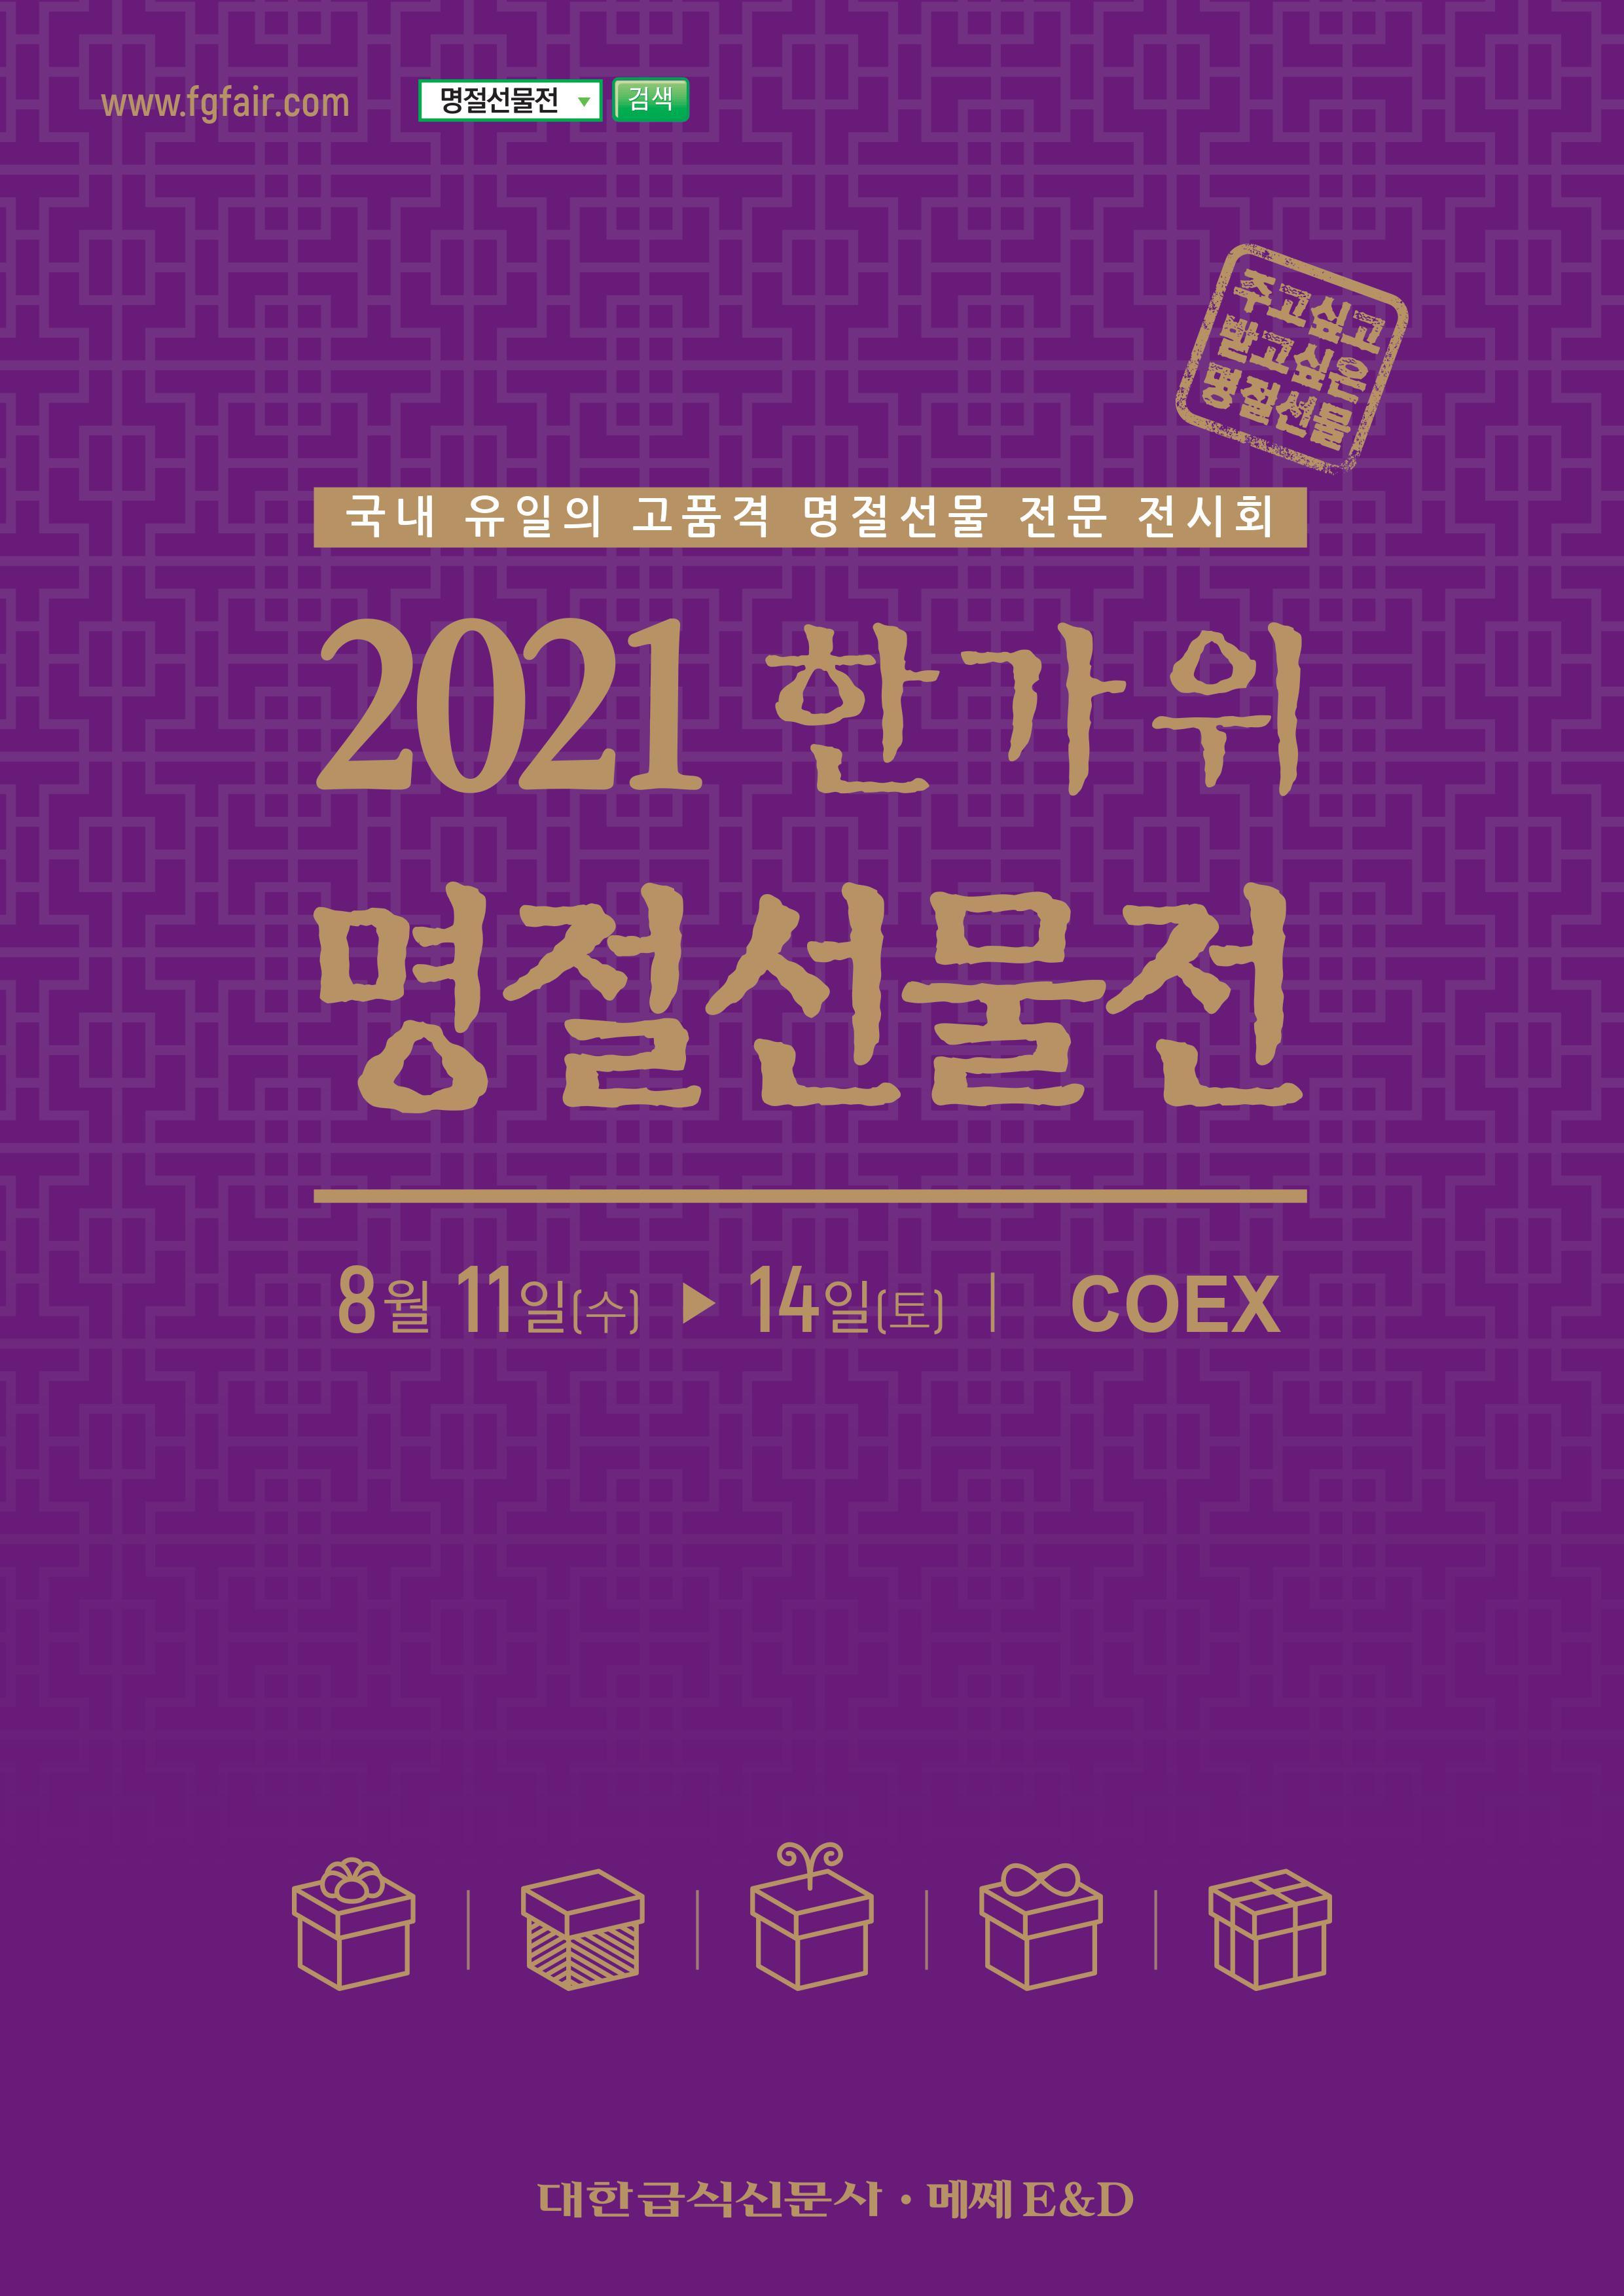 2021 한가위 명절선물전